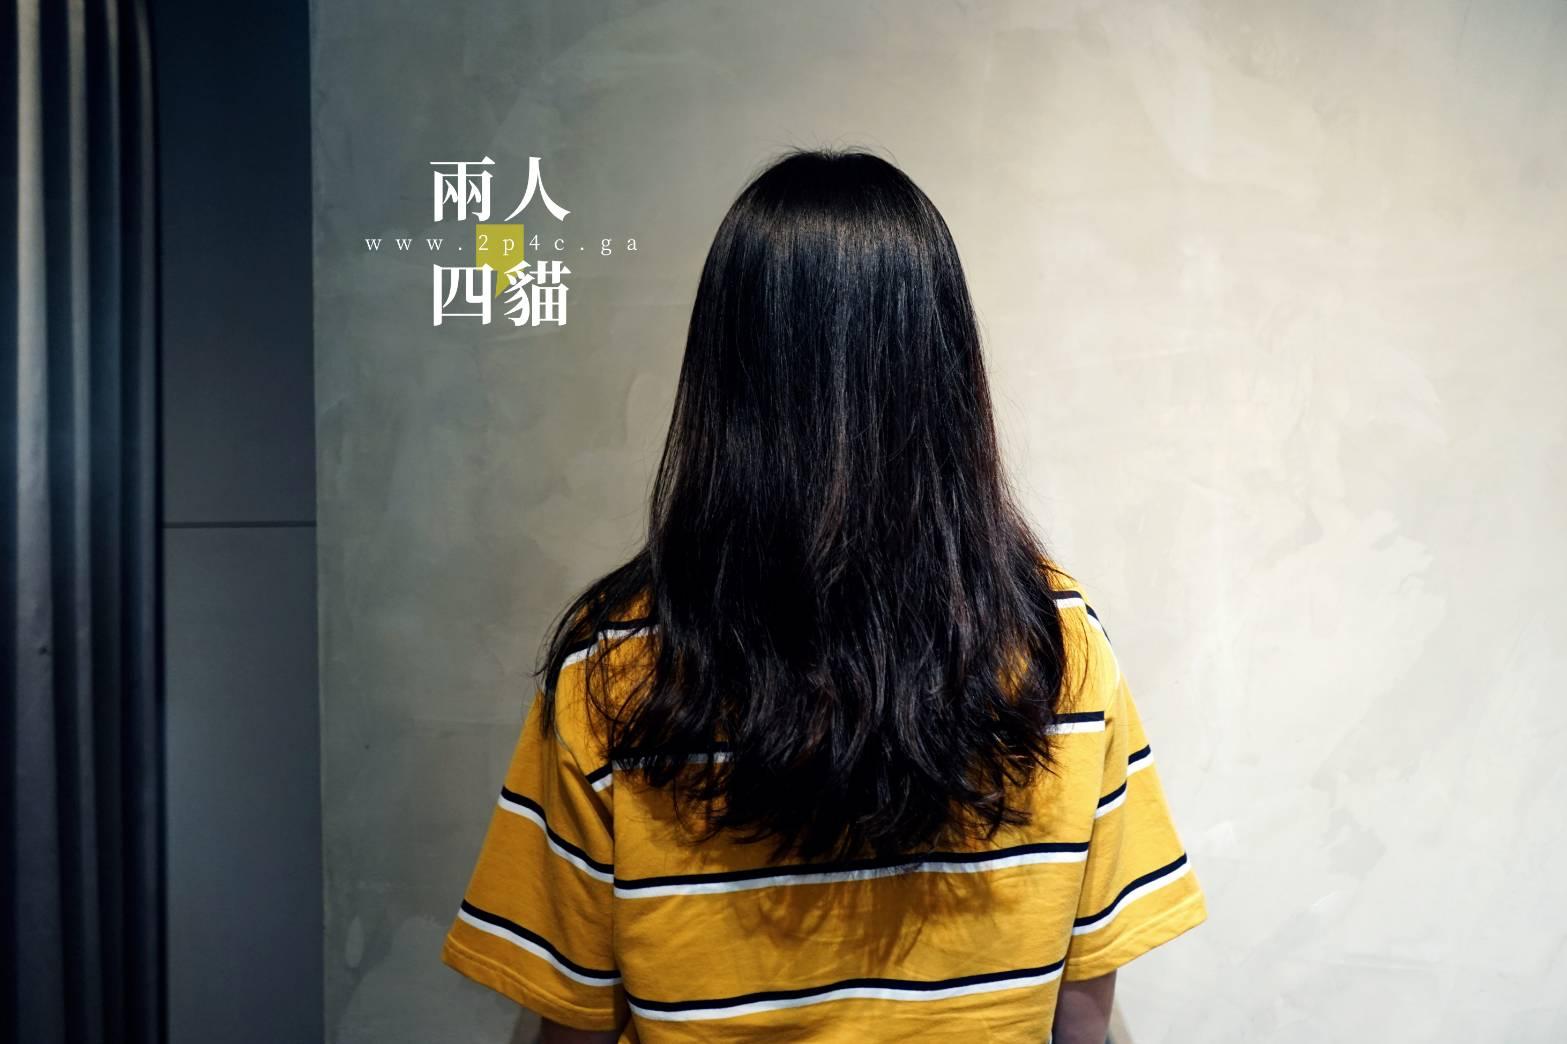 【新竹|美髮】竹北高品質美髮推薦!【VS Hair Salon】質感離子燙 毛躁不再來 恢復亮麗光澤